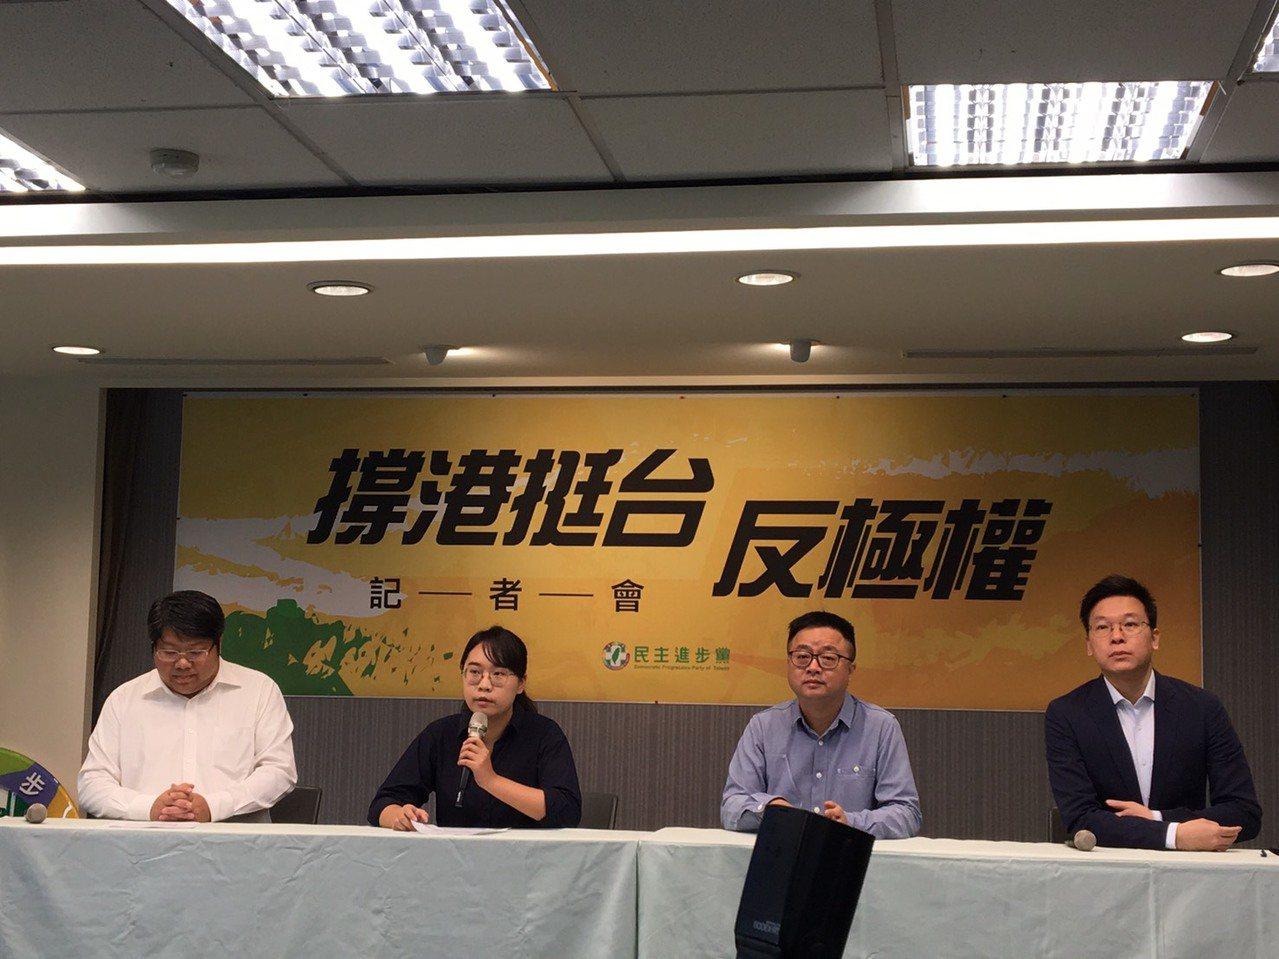 台灣公民陣線、香港邊城青年、台灣學生聯合會與台灣青年民主協會共同發起「台港大遊行...